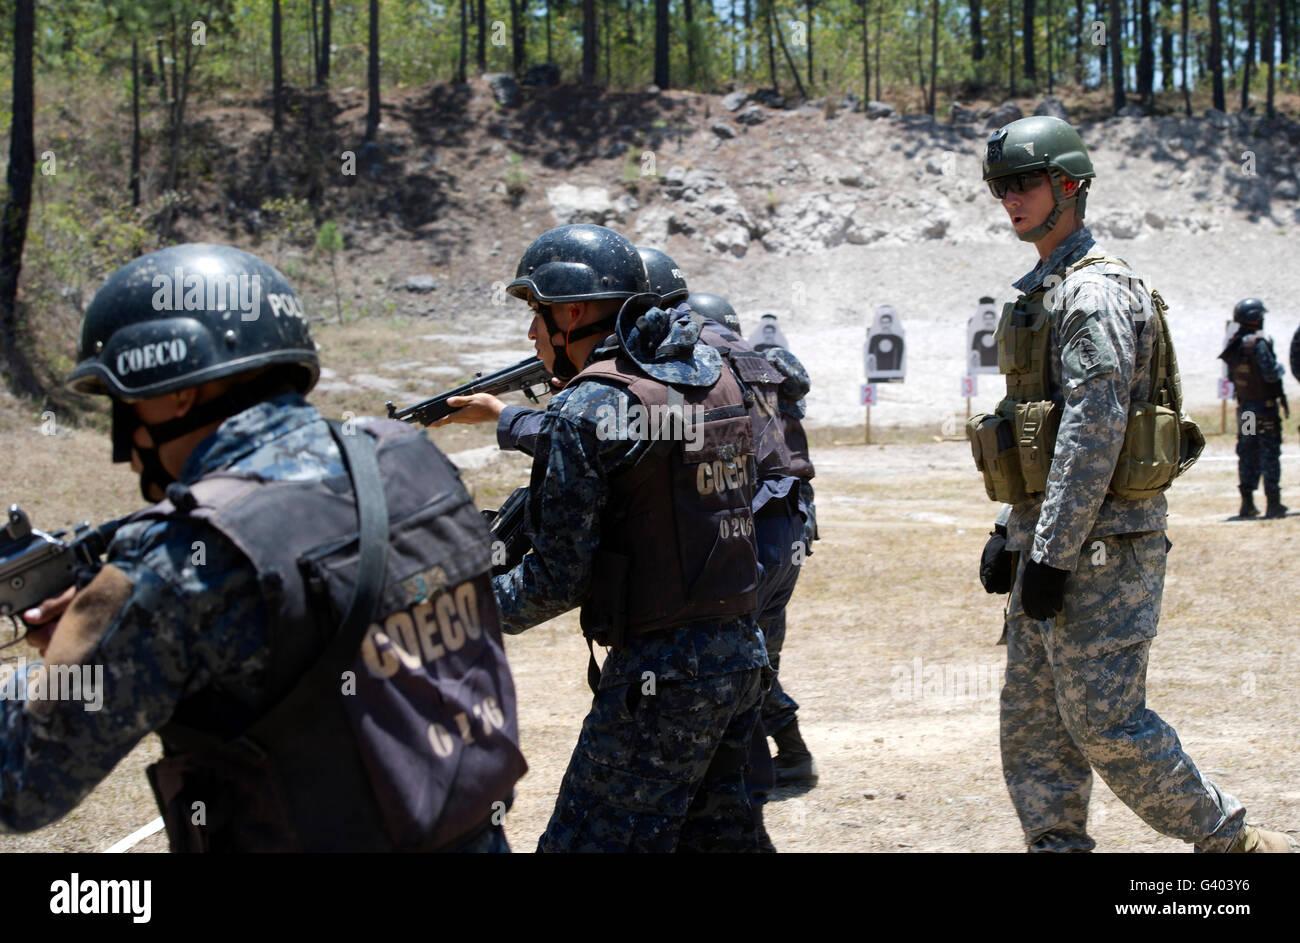 Un berretto verde passeggiate con TIGRES partecipanti durante il fucile  avanzate di formazione. Immagini Stock c1a3e1aa715d